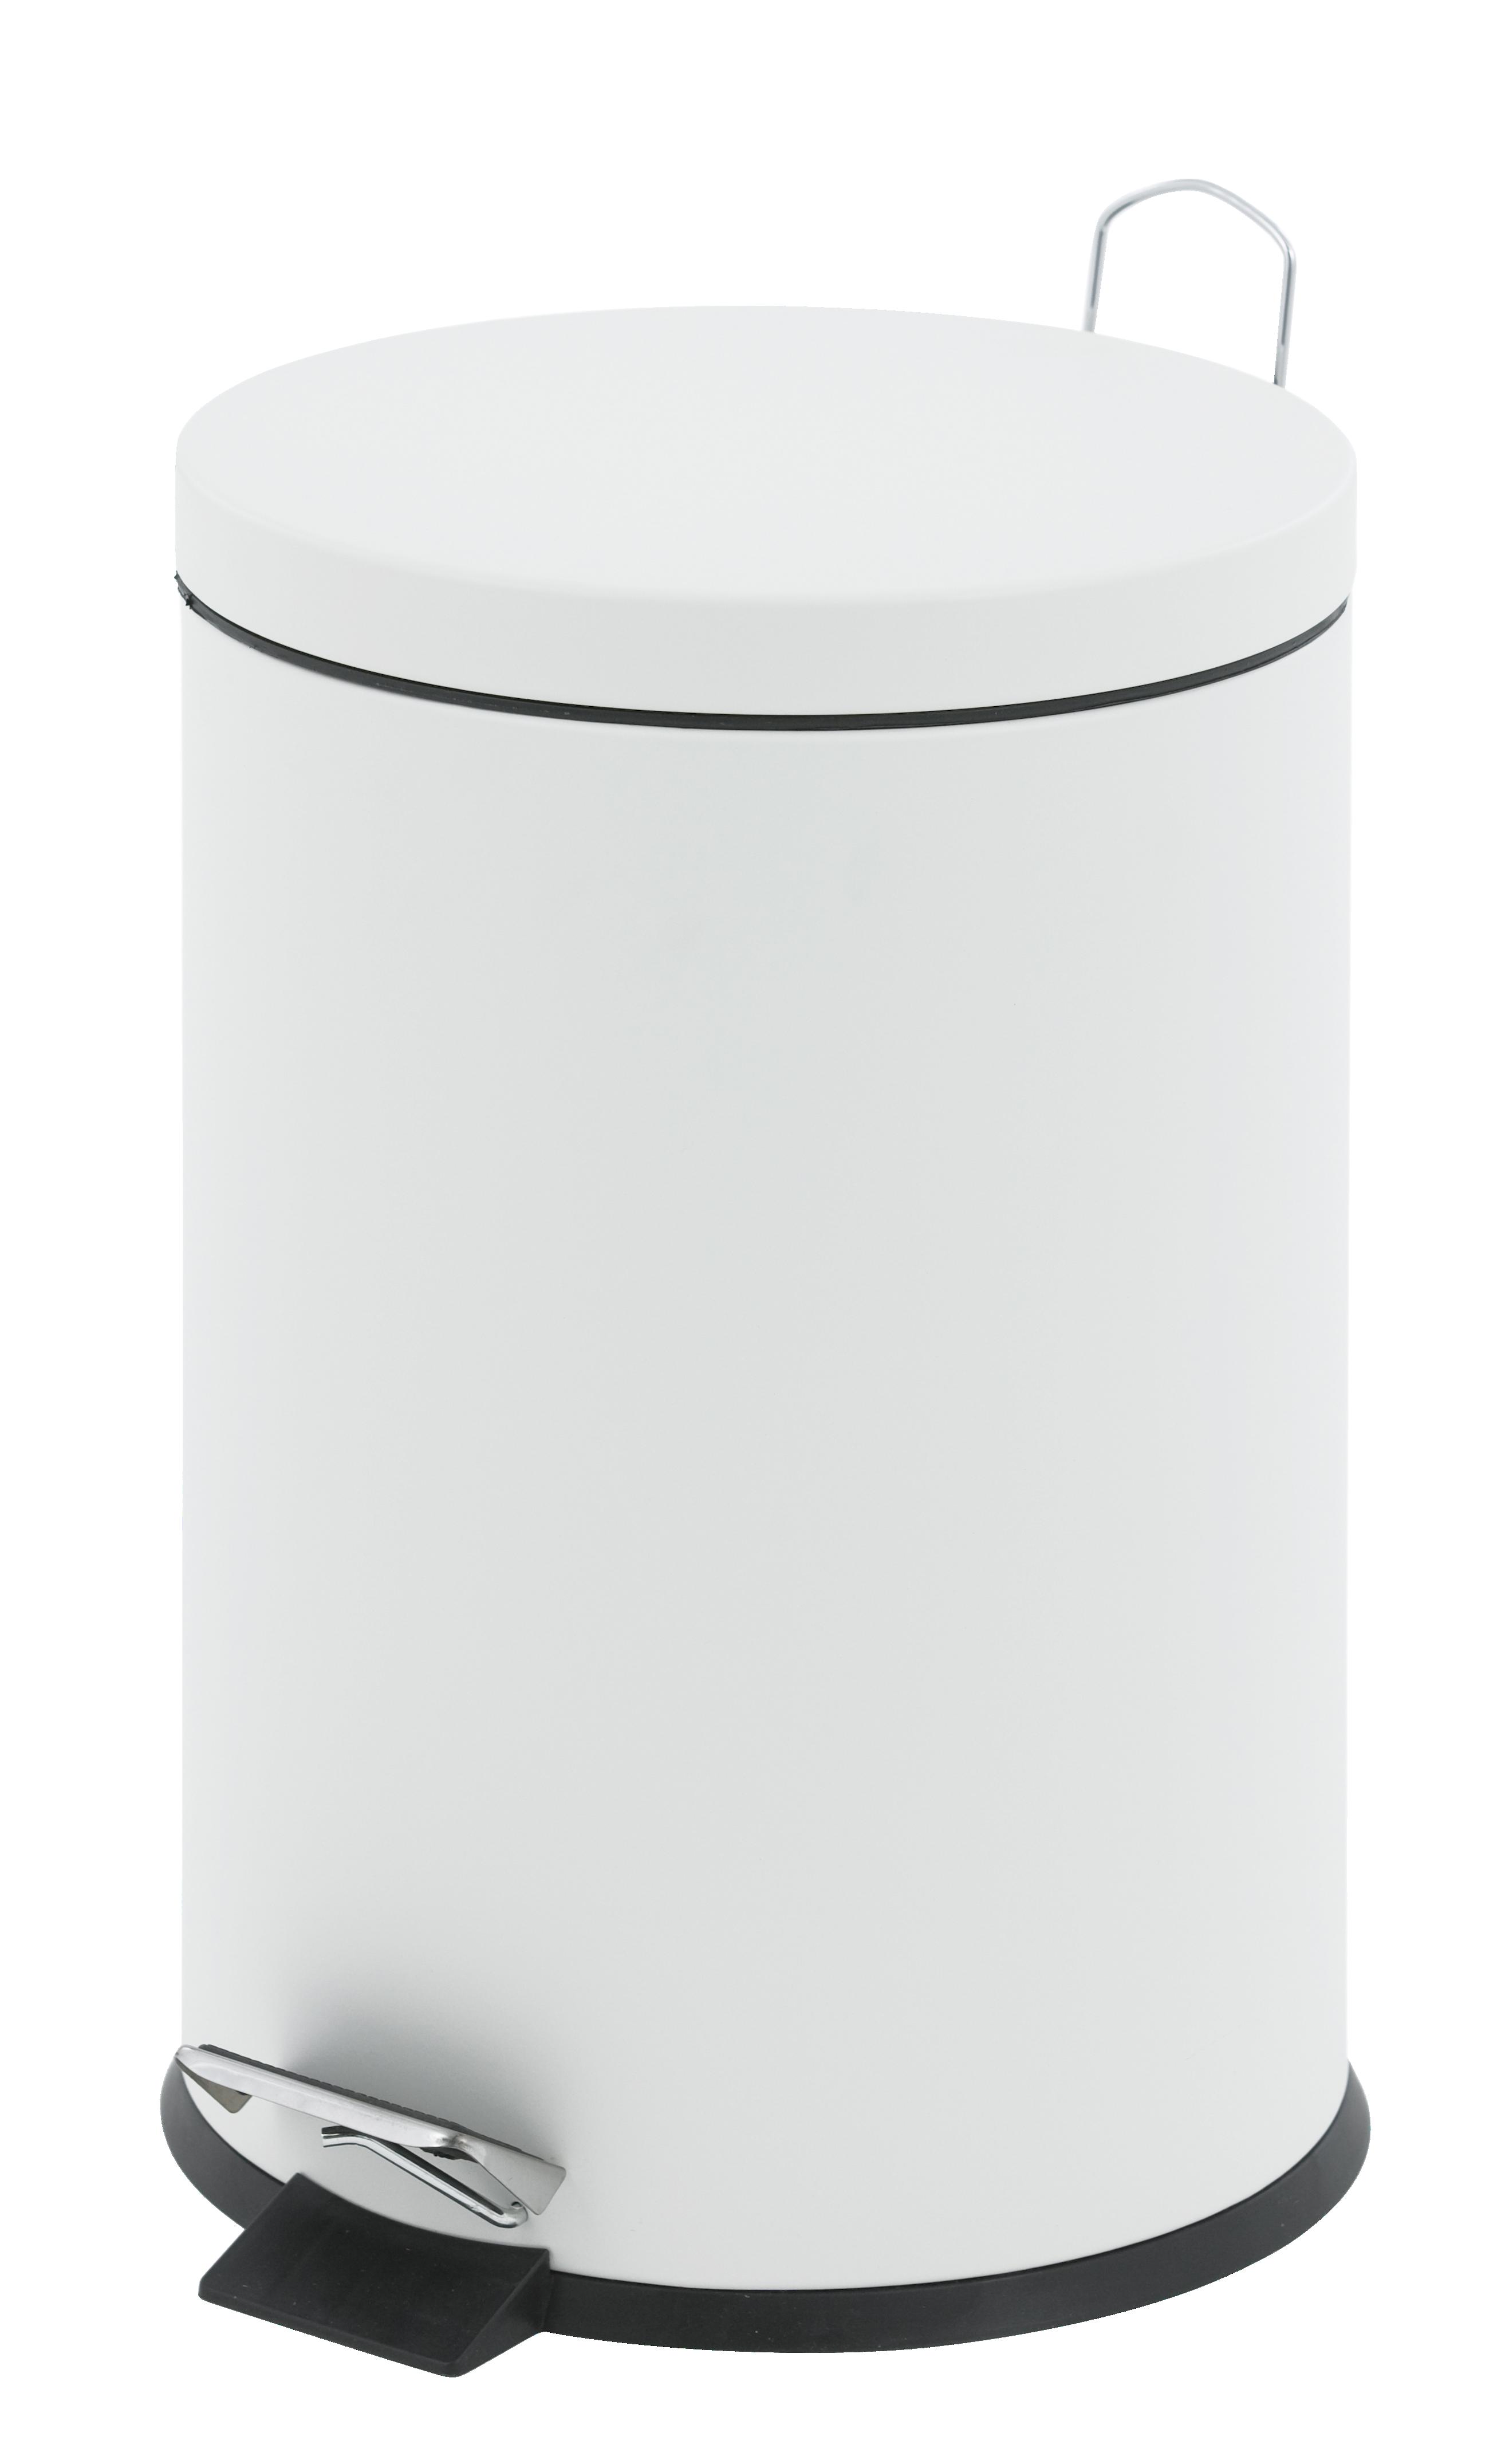 Tretabfalleimer, 12 Liter, weiß, 40 x 25 cm